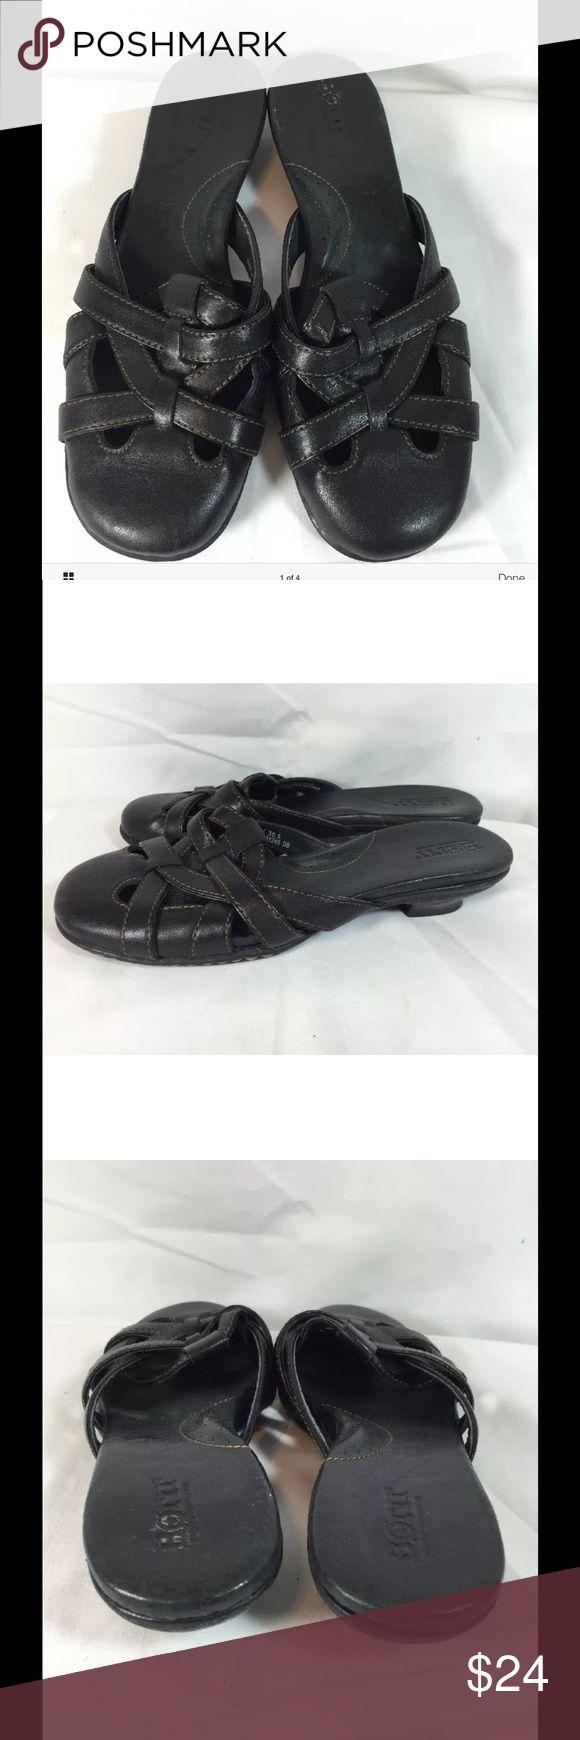 Black leather sandals low heel - Born Concept Black Leather Mules Low Heels Size 6 Born Women S Mules Sandals Low Heels